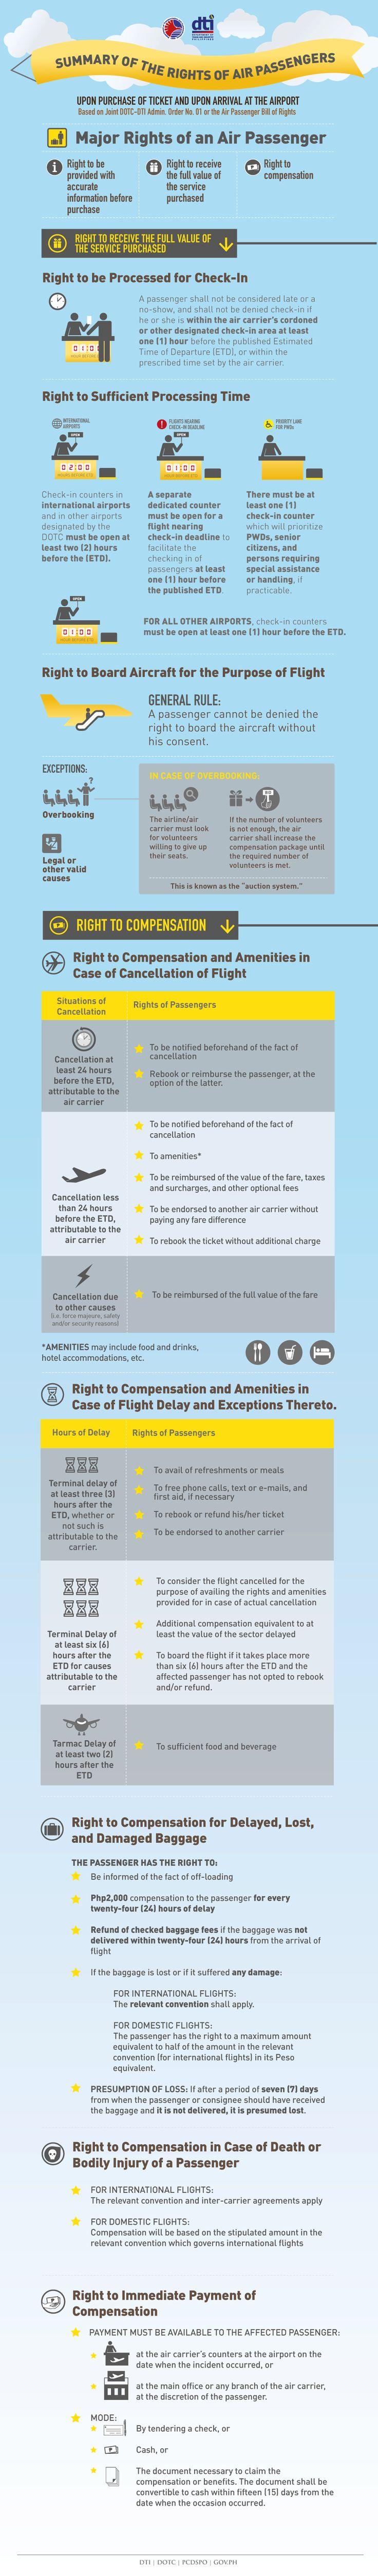 bill of rights philippines Filipino patients bill of rights1 the patient has the right to considerate & respectful care, irrespective of socio-economic status2.